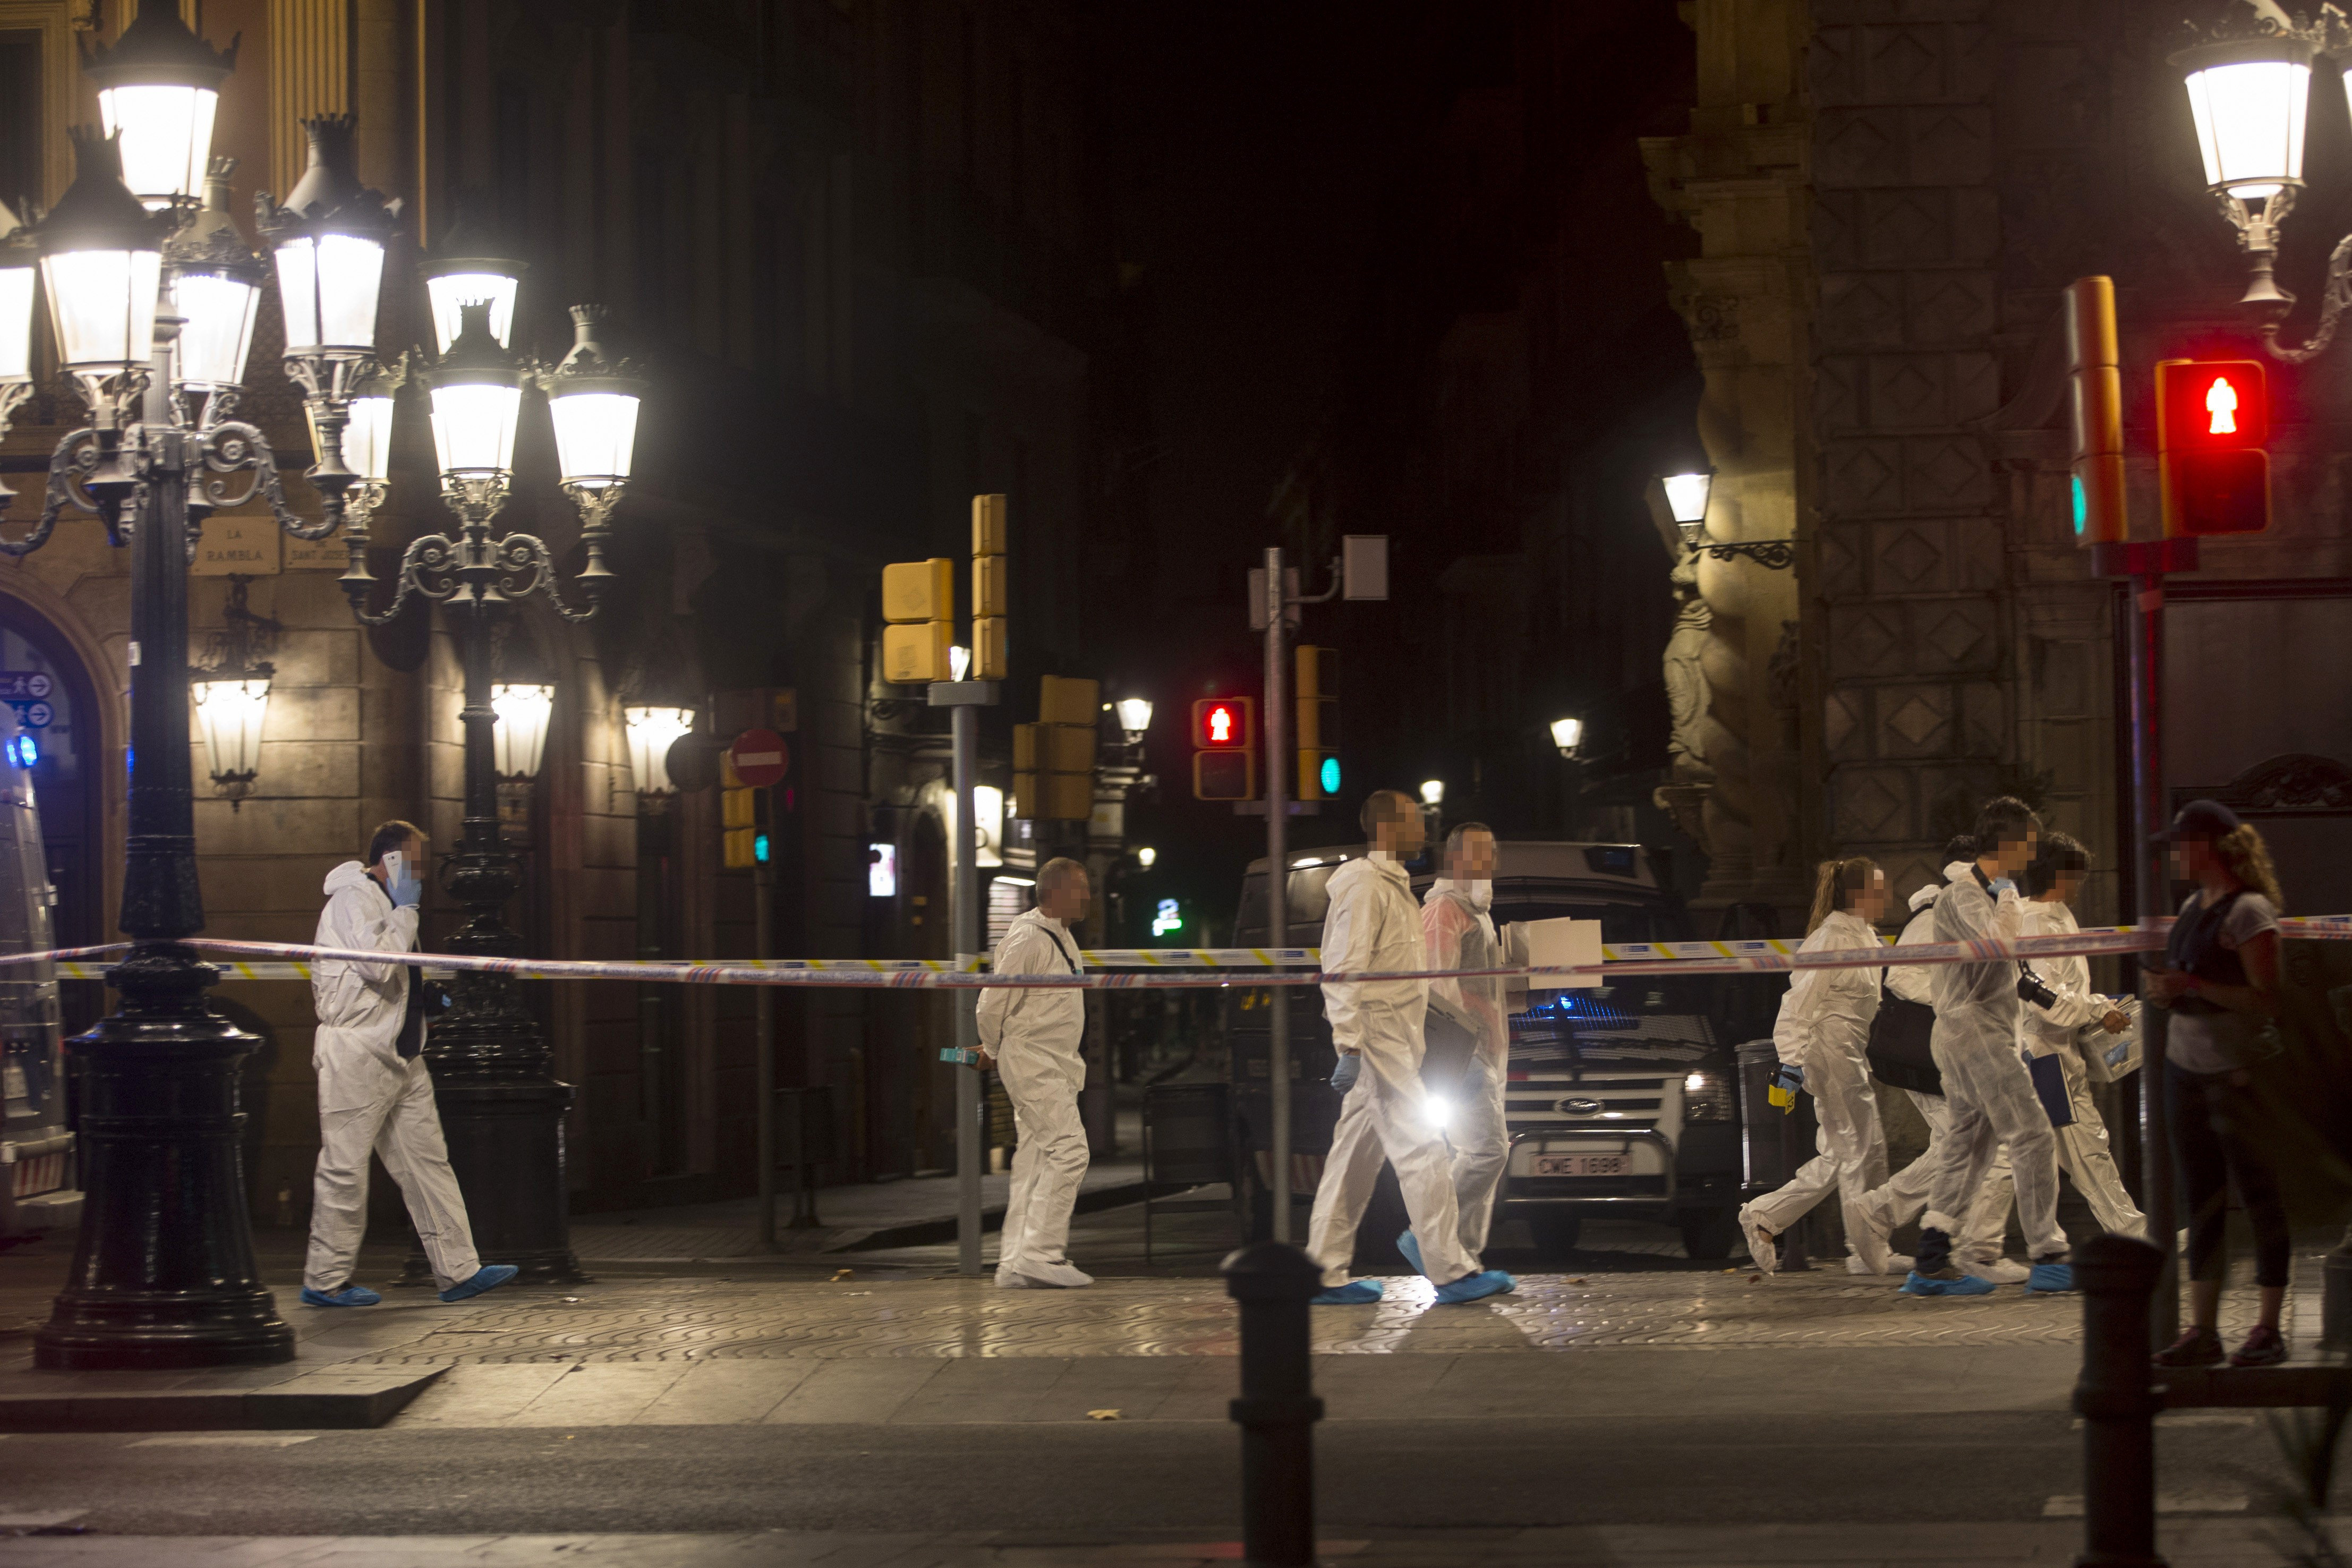 Mossos, de la brigada científica, treballen en el lloc de l'atemptat contra les Rambles de Barcelona. /QUIQUE GARCÍA